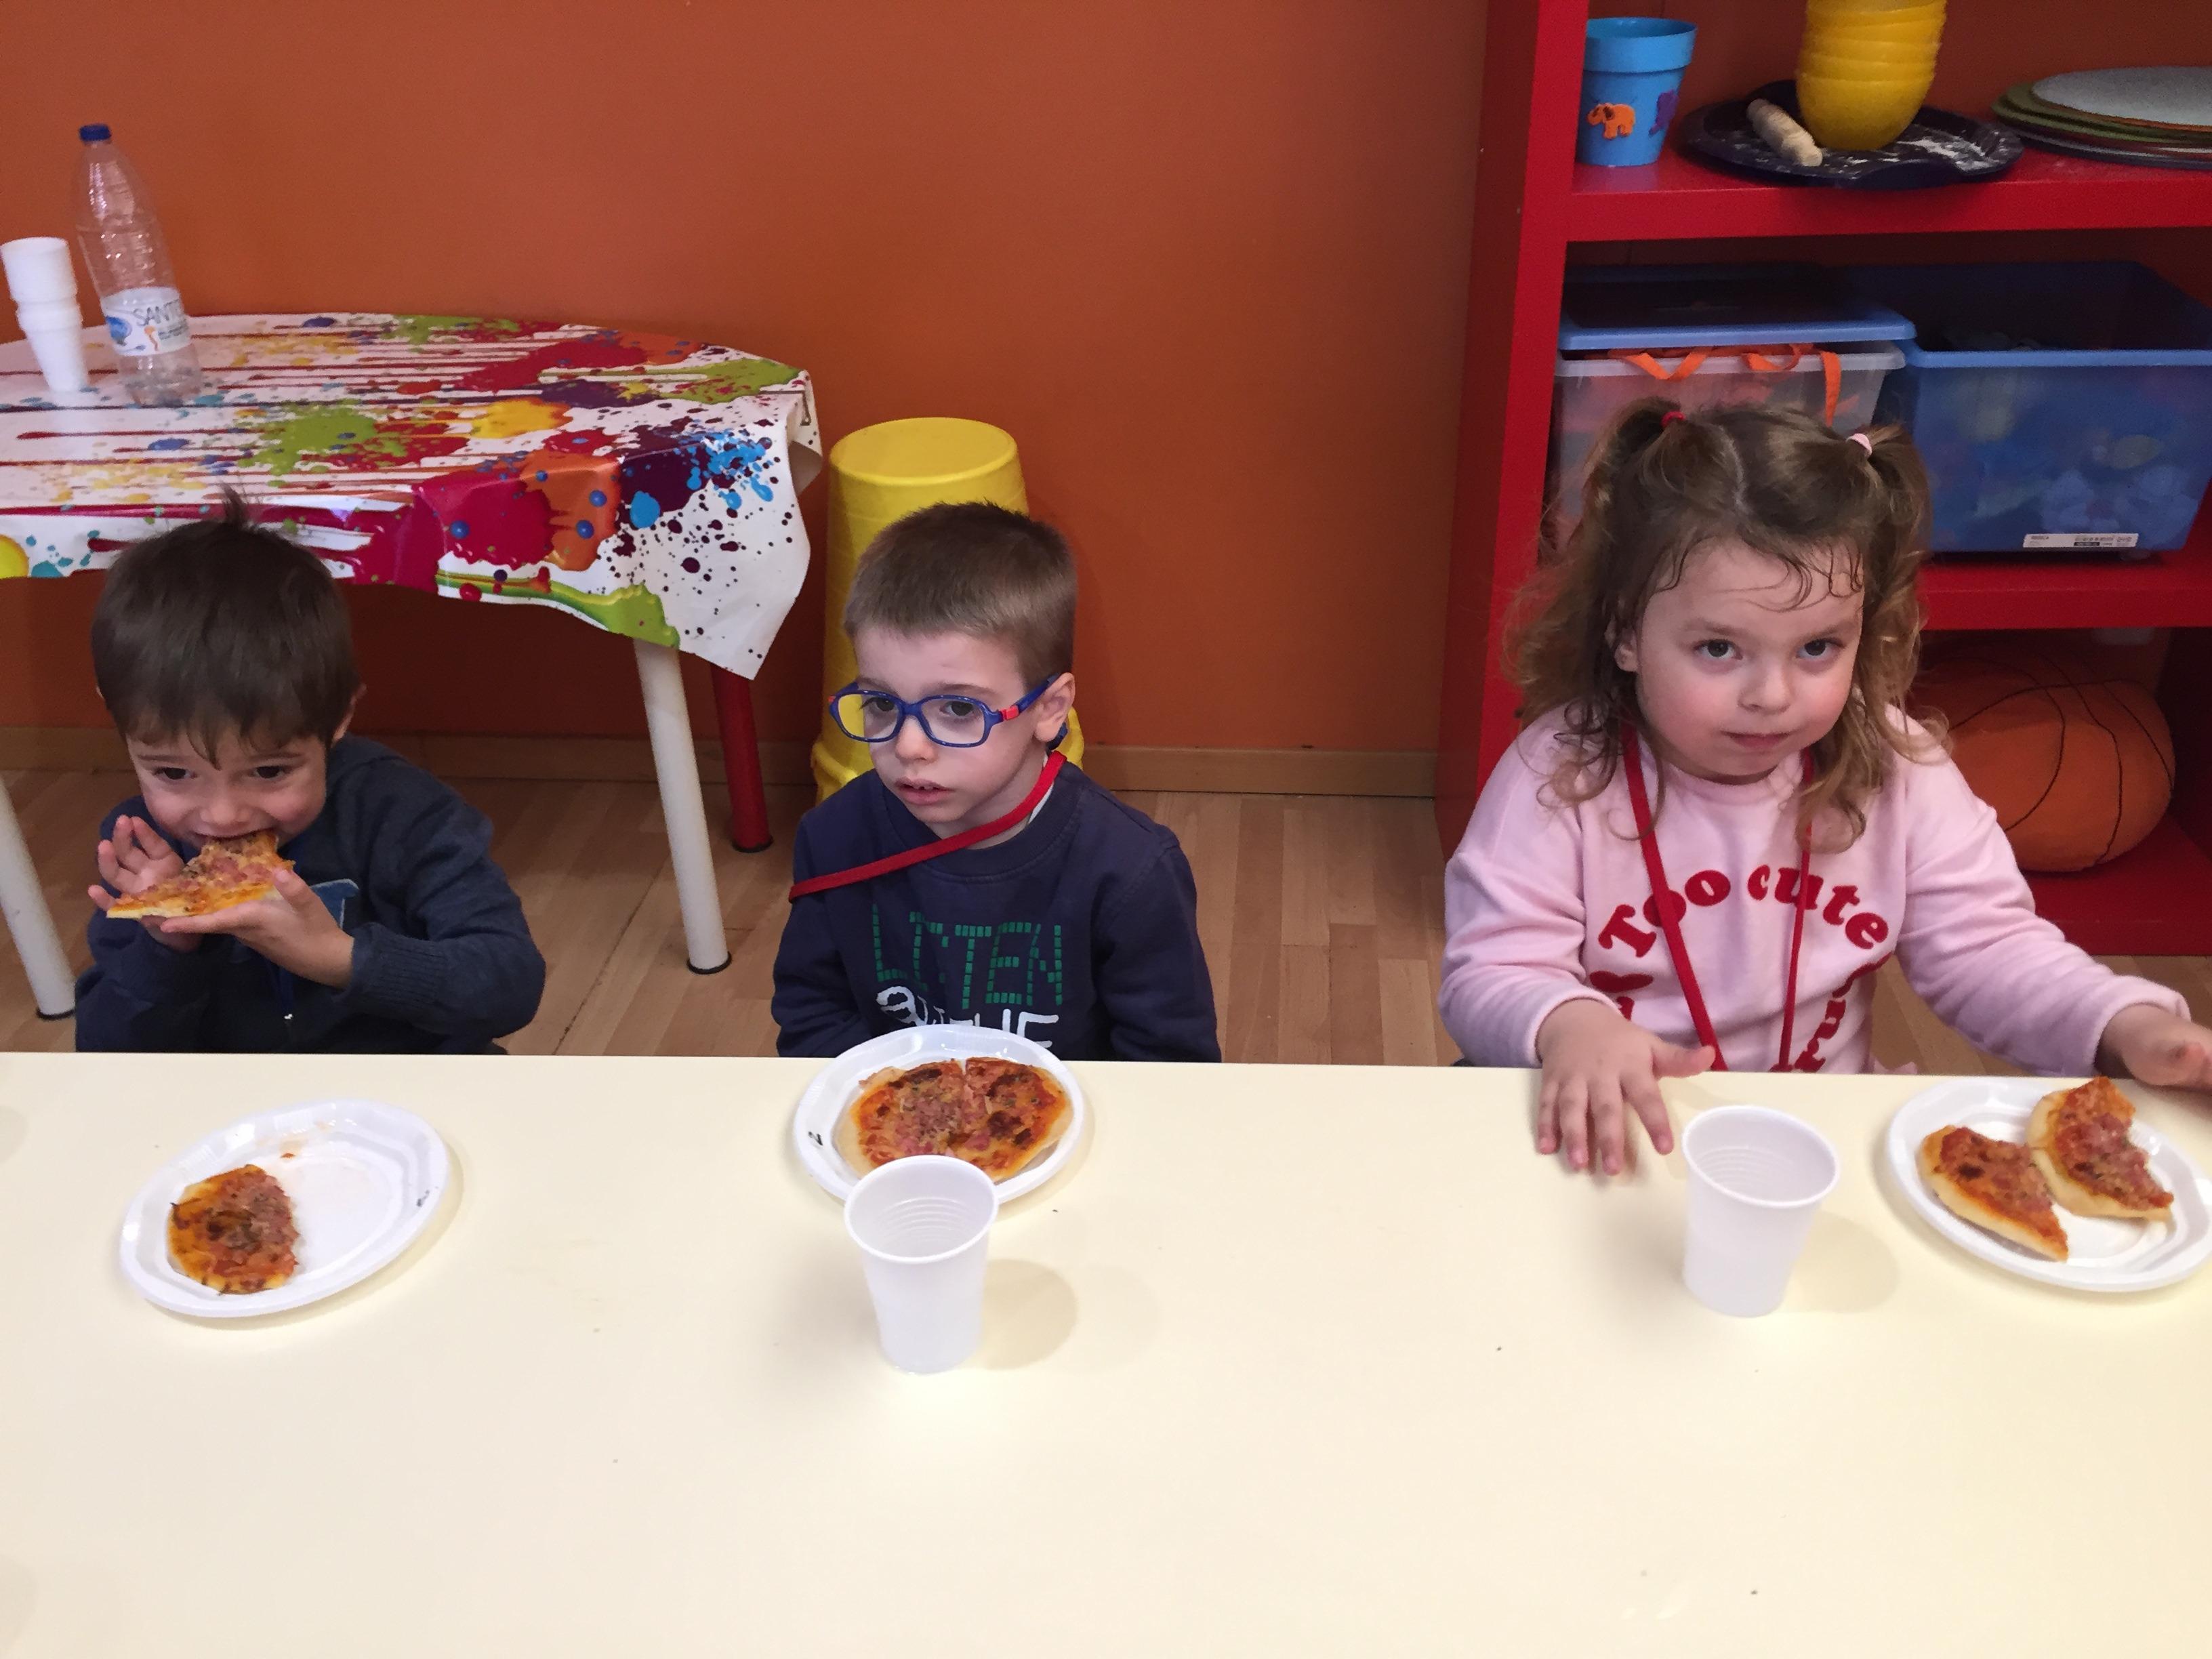 Excursión Escuela de cocina 19